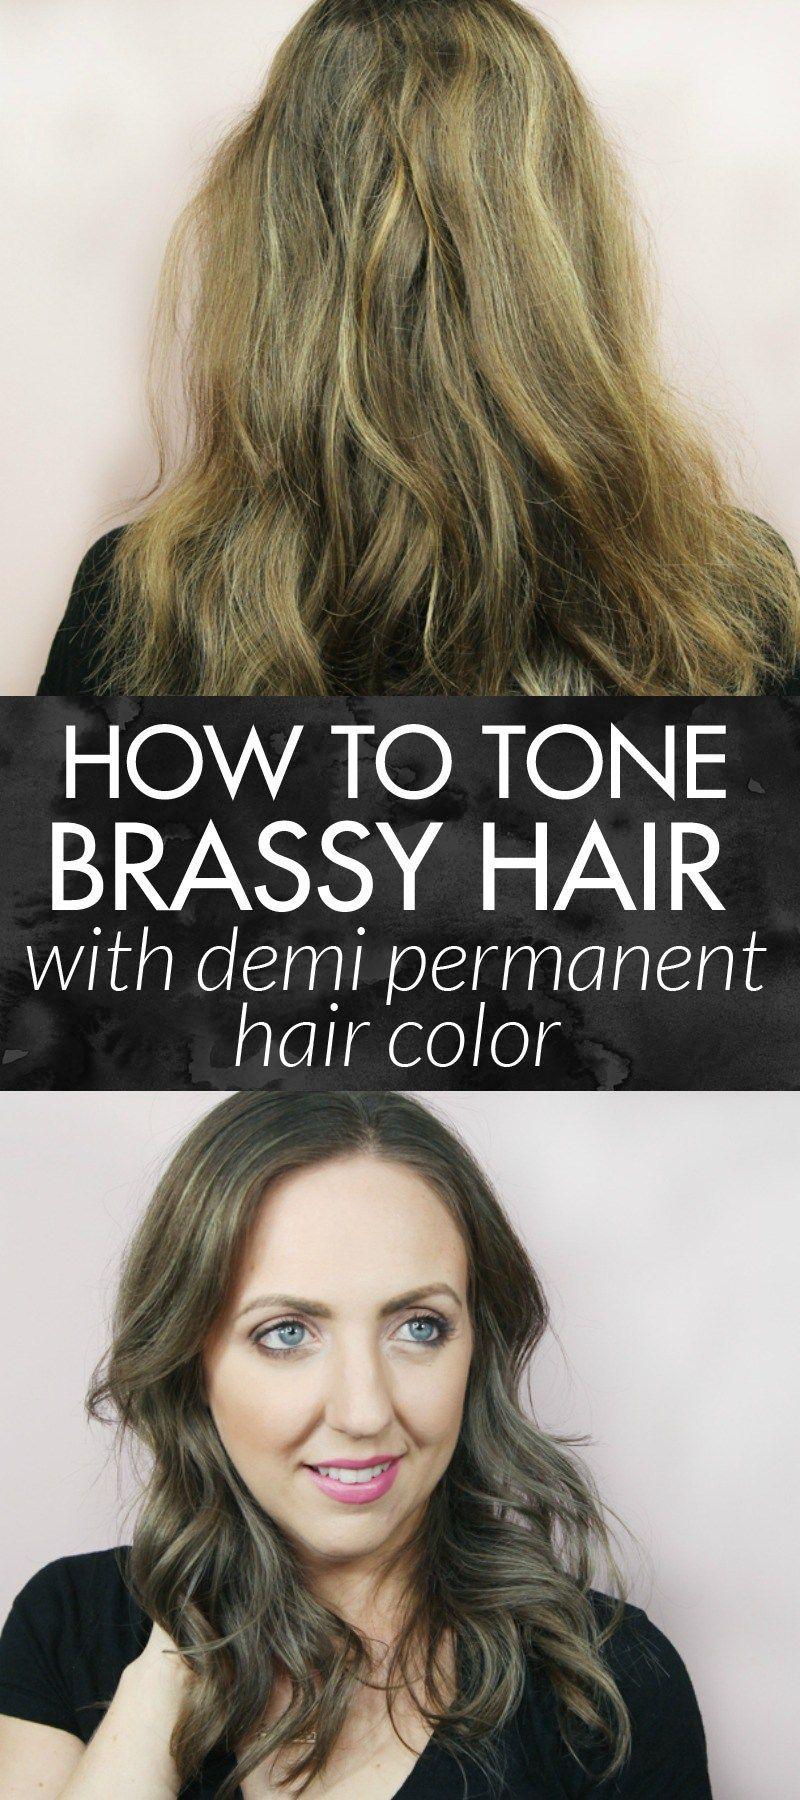 Best Toner For Brassy Hair Brassy Hair Demi Permanent And